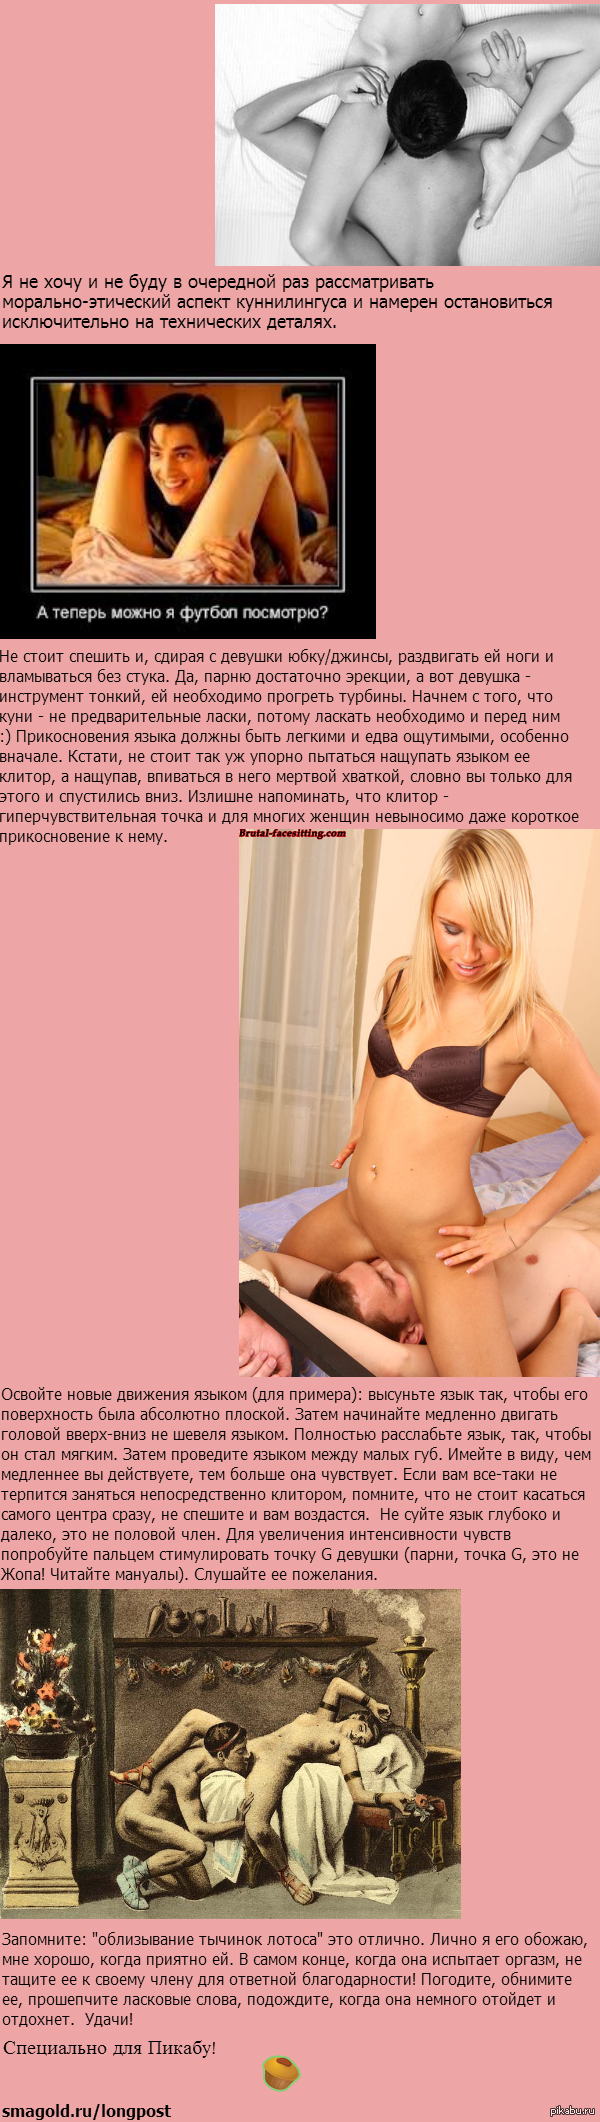 Рассказ о первом оргазме 4 фотография